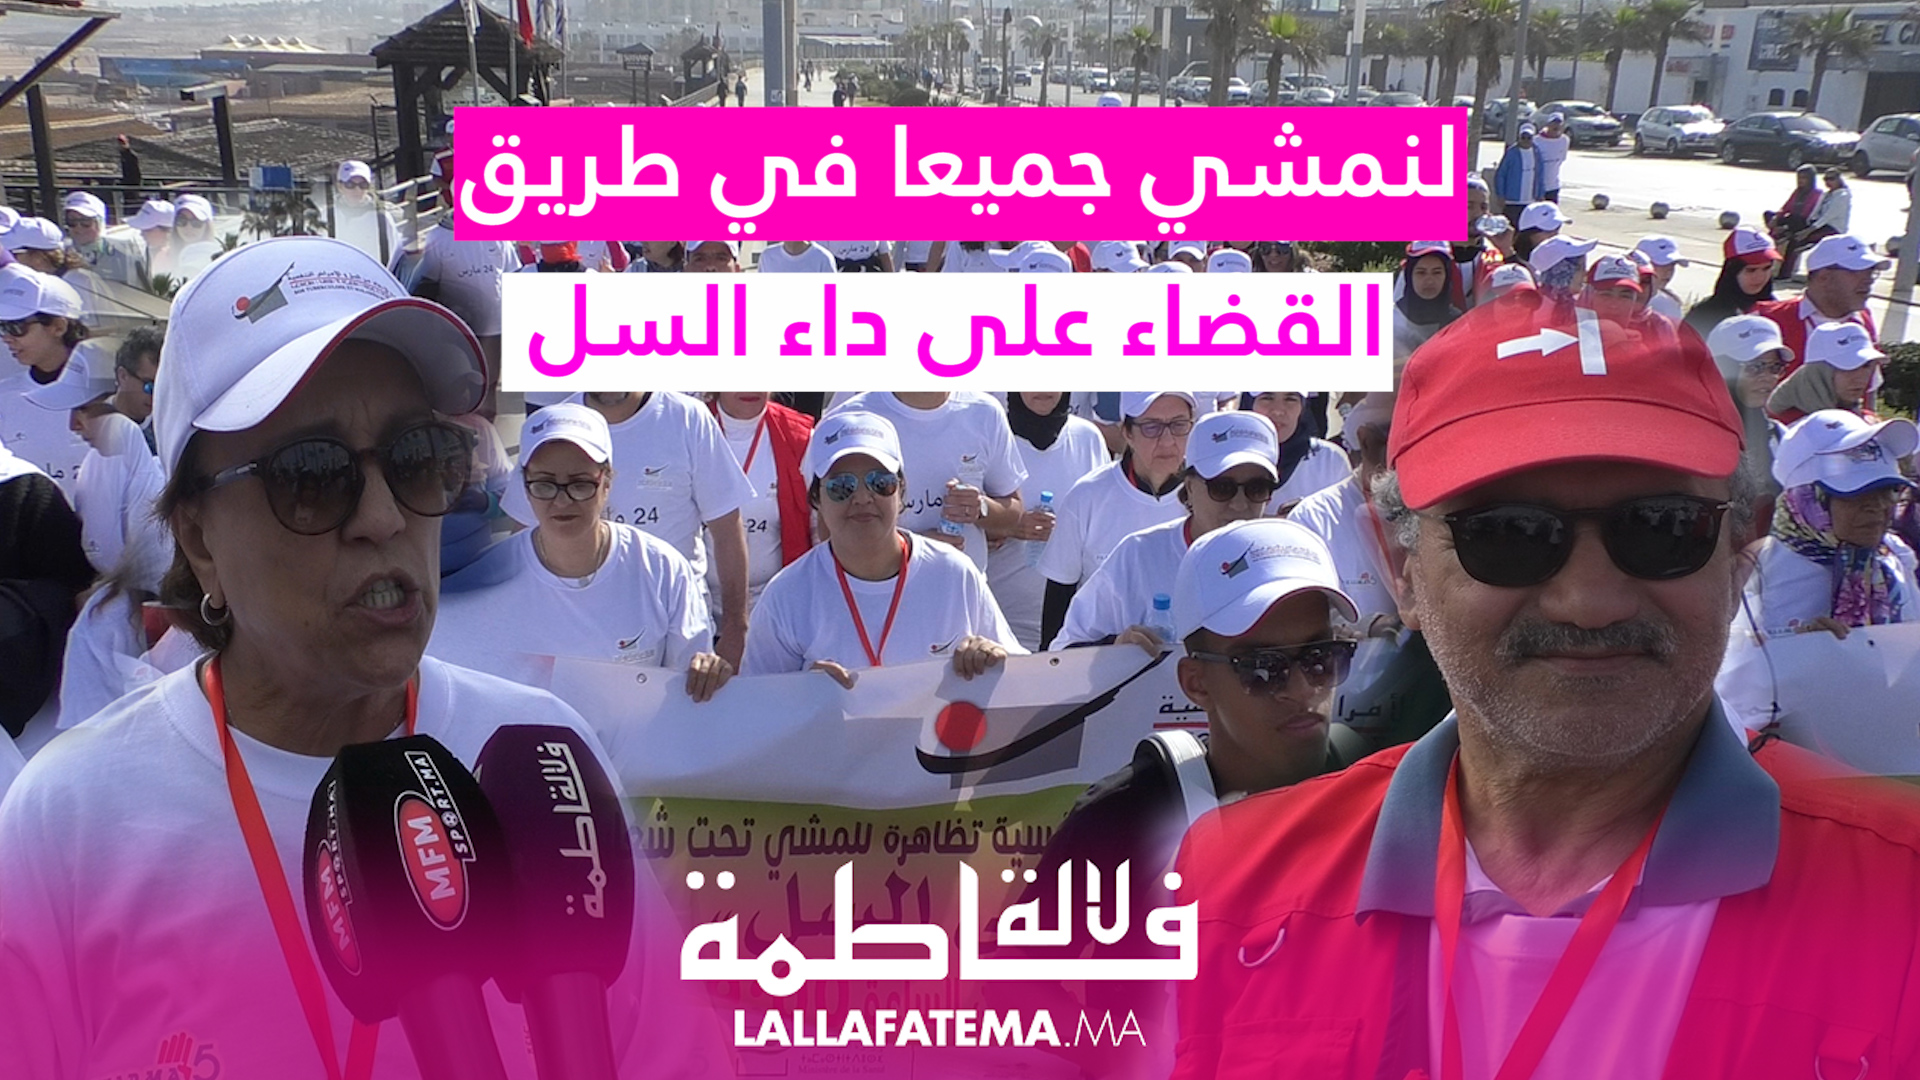 """تظاهرة في المشي تحت شعار """" لنمش جميعا في طريق القضاء على داء السل"""""""